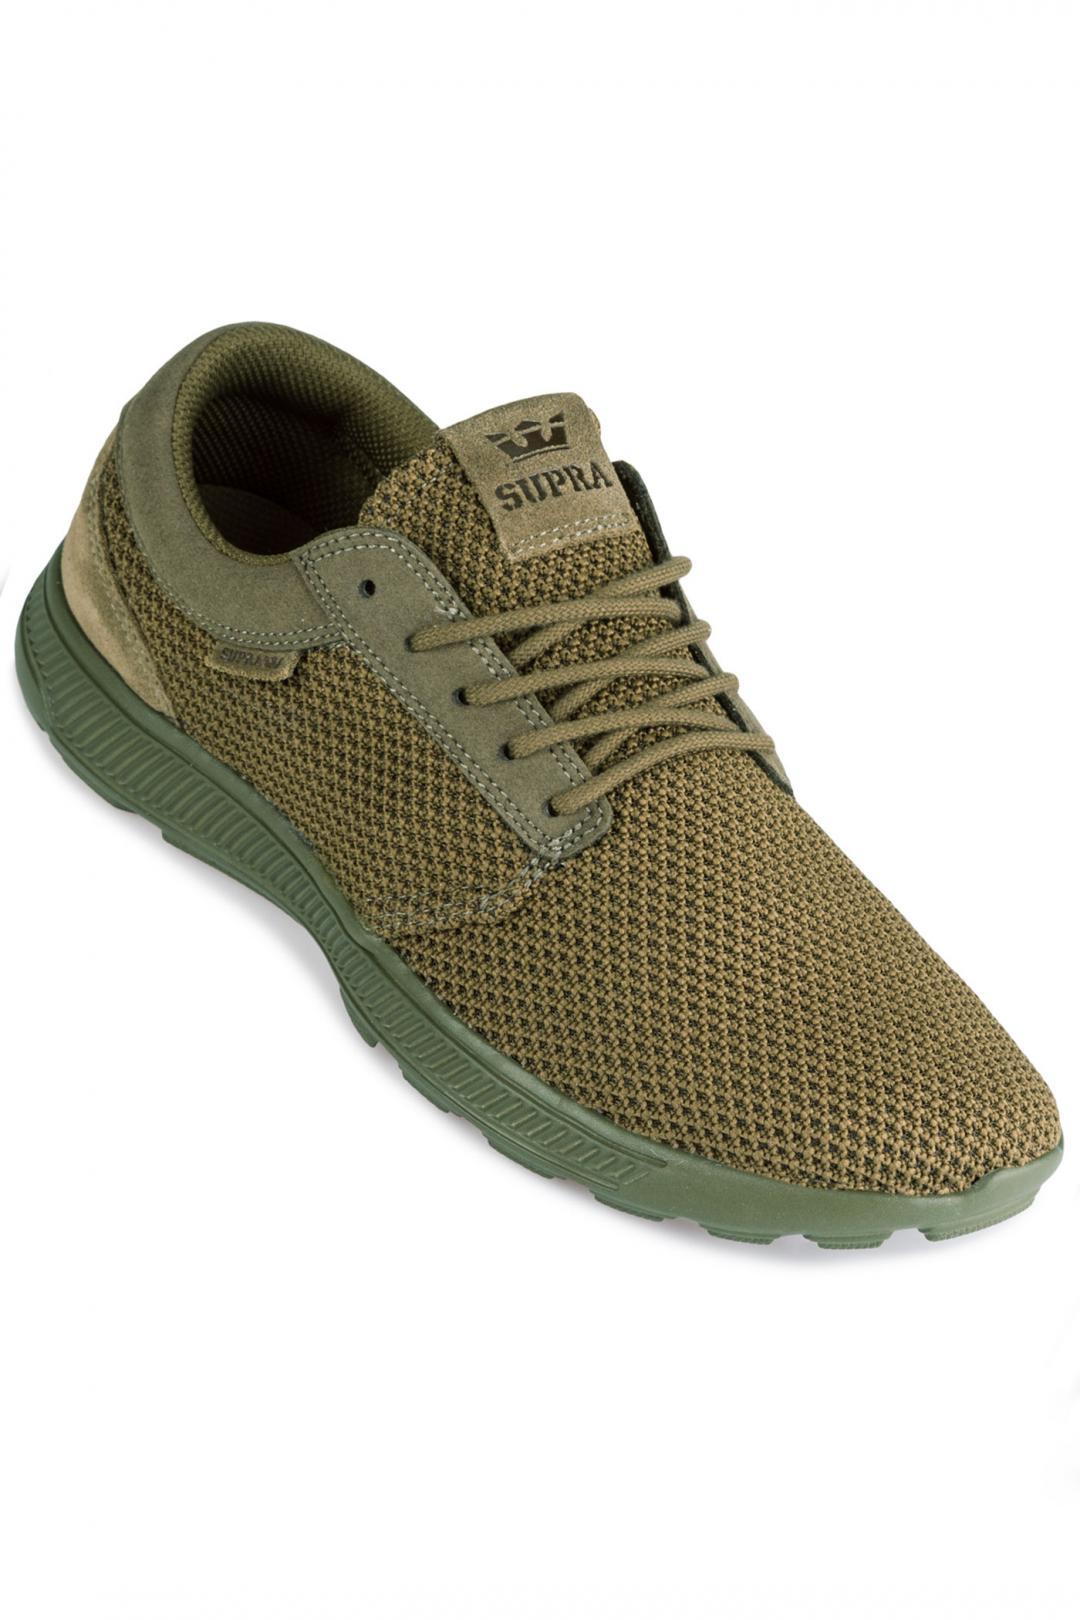 Uomo Supra Hammer Run olive | Sneaker